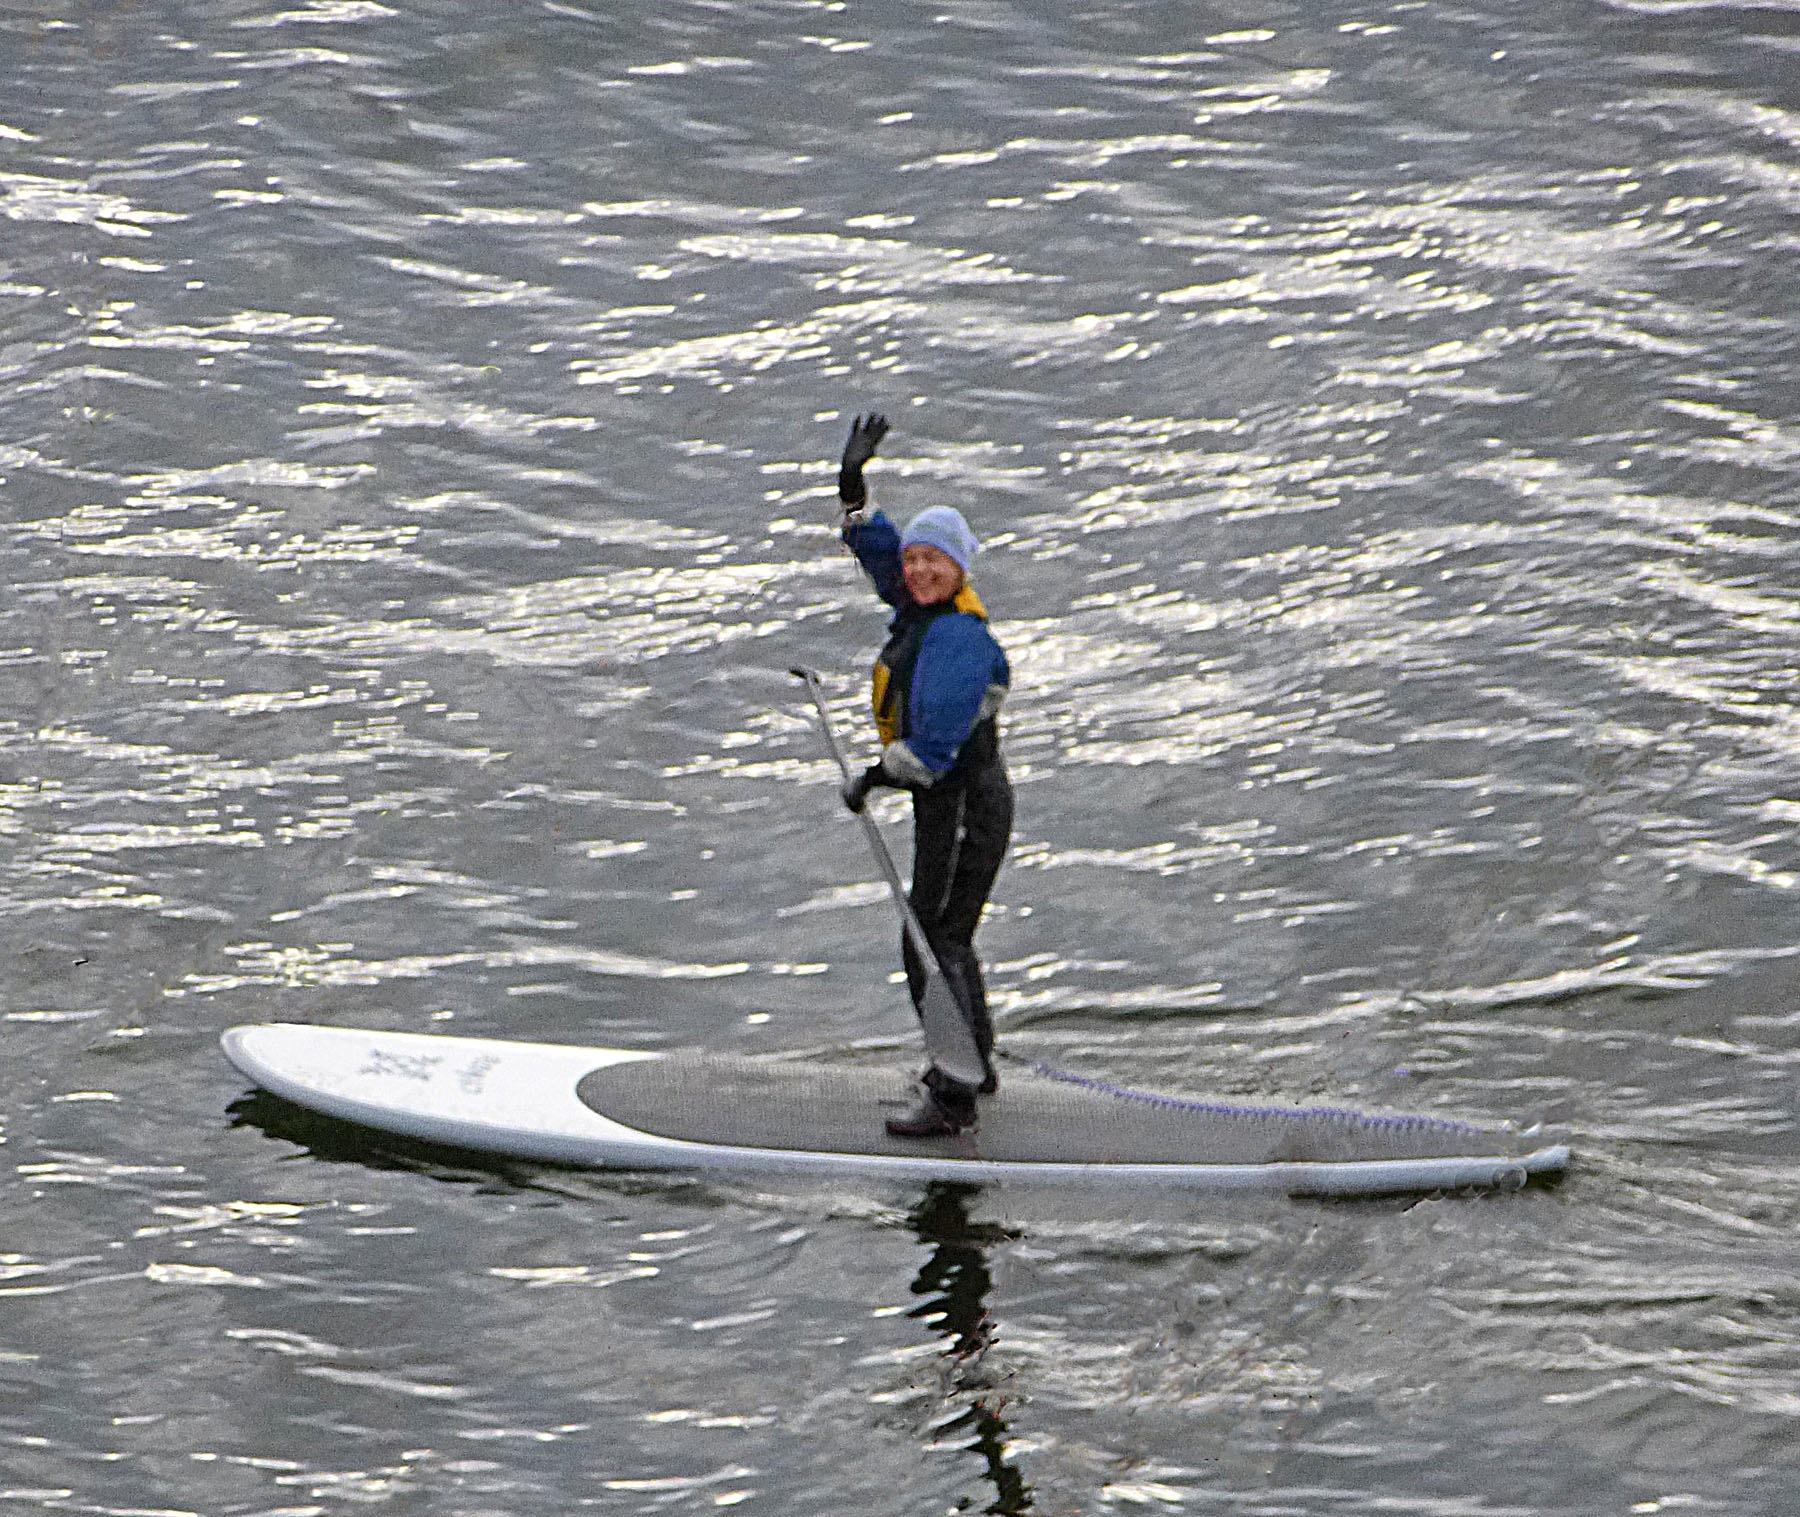 Paddleboarding - by Erika Senft Miller